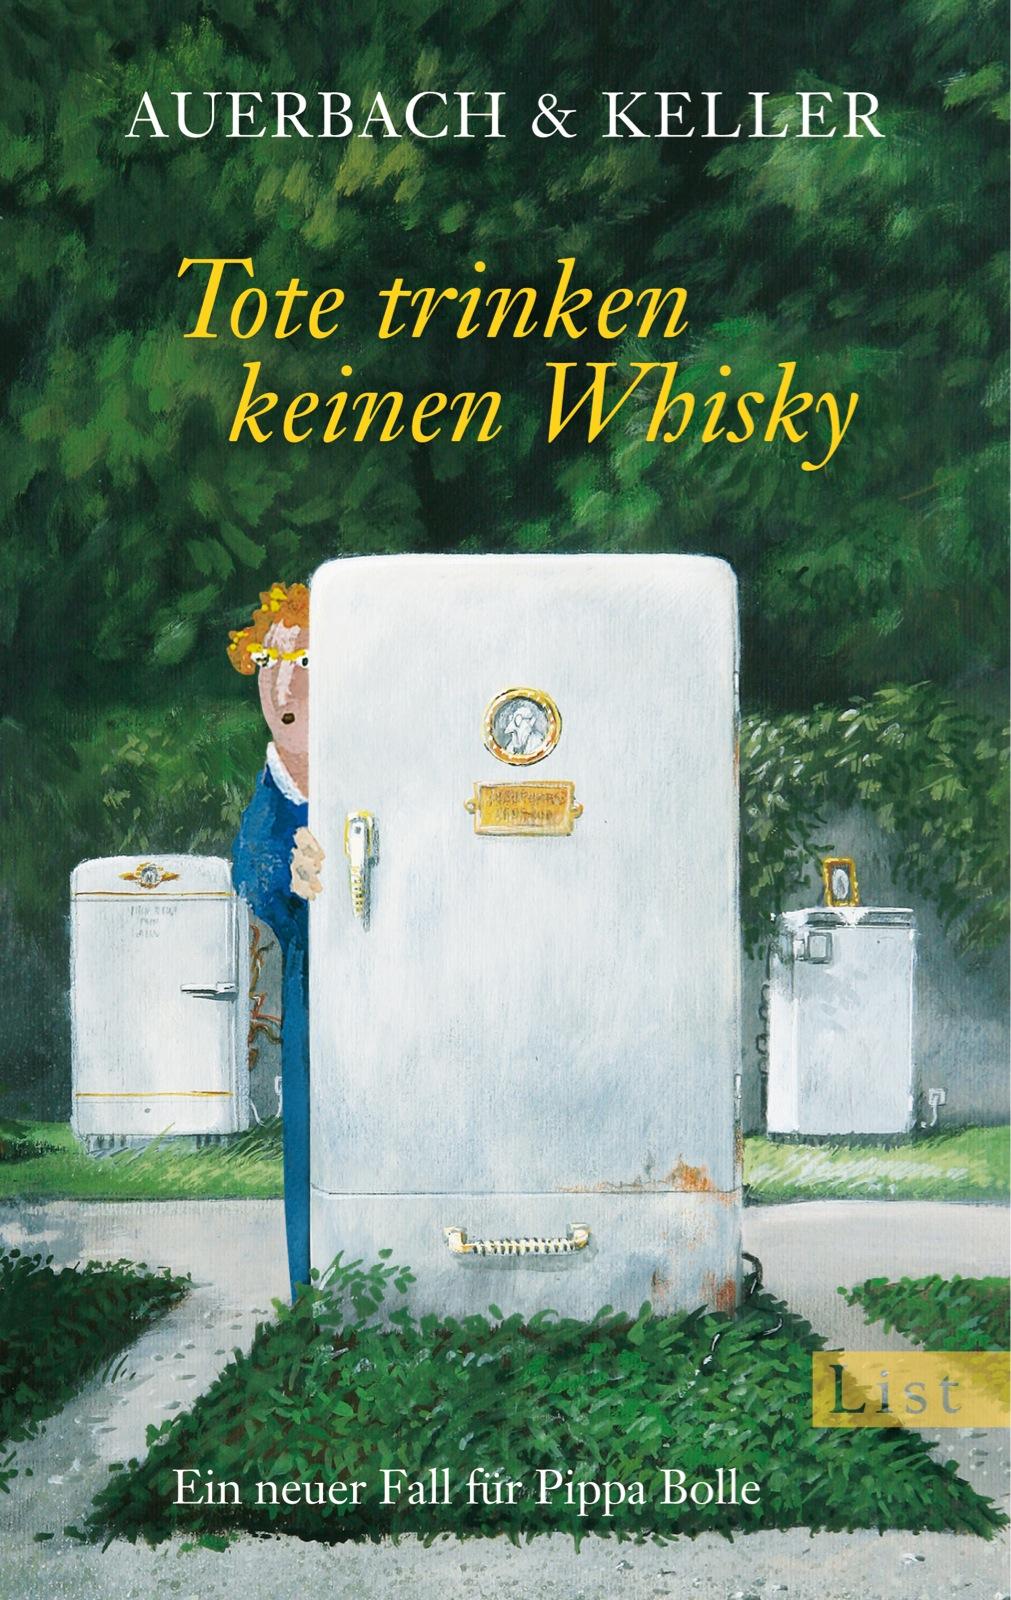 Tote trinken keinen Whisky: Ein neuer Fall für Pippa Bolle - Auerbach & Keller [Taschenbuch]